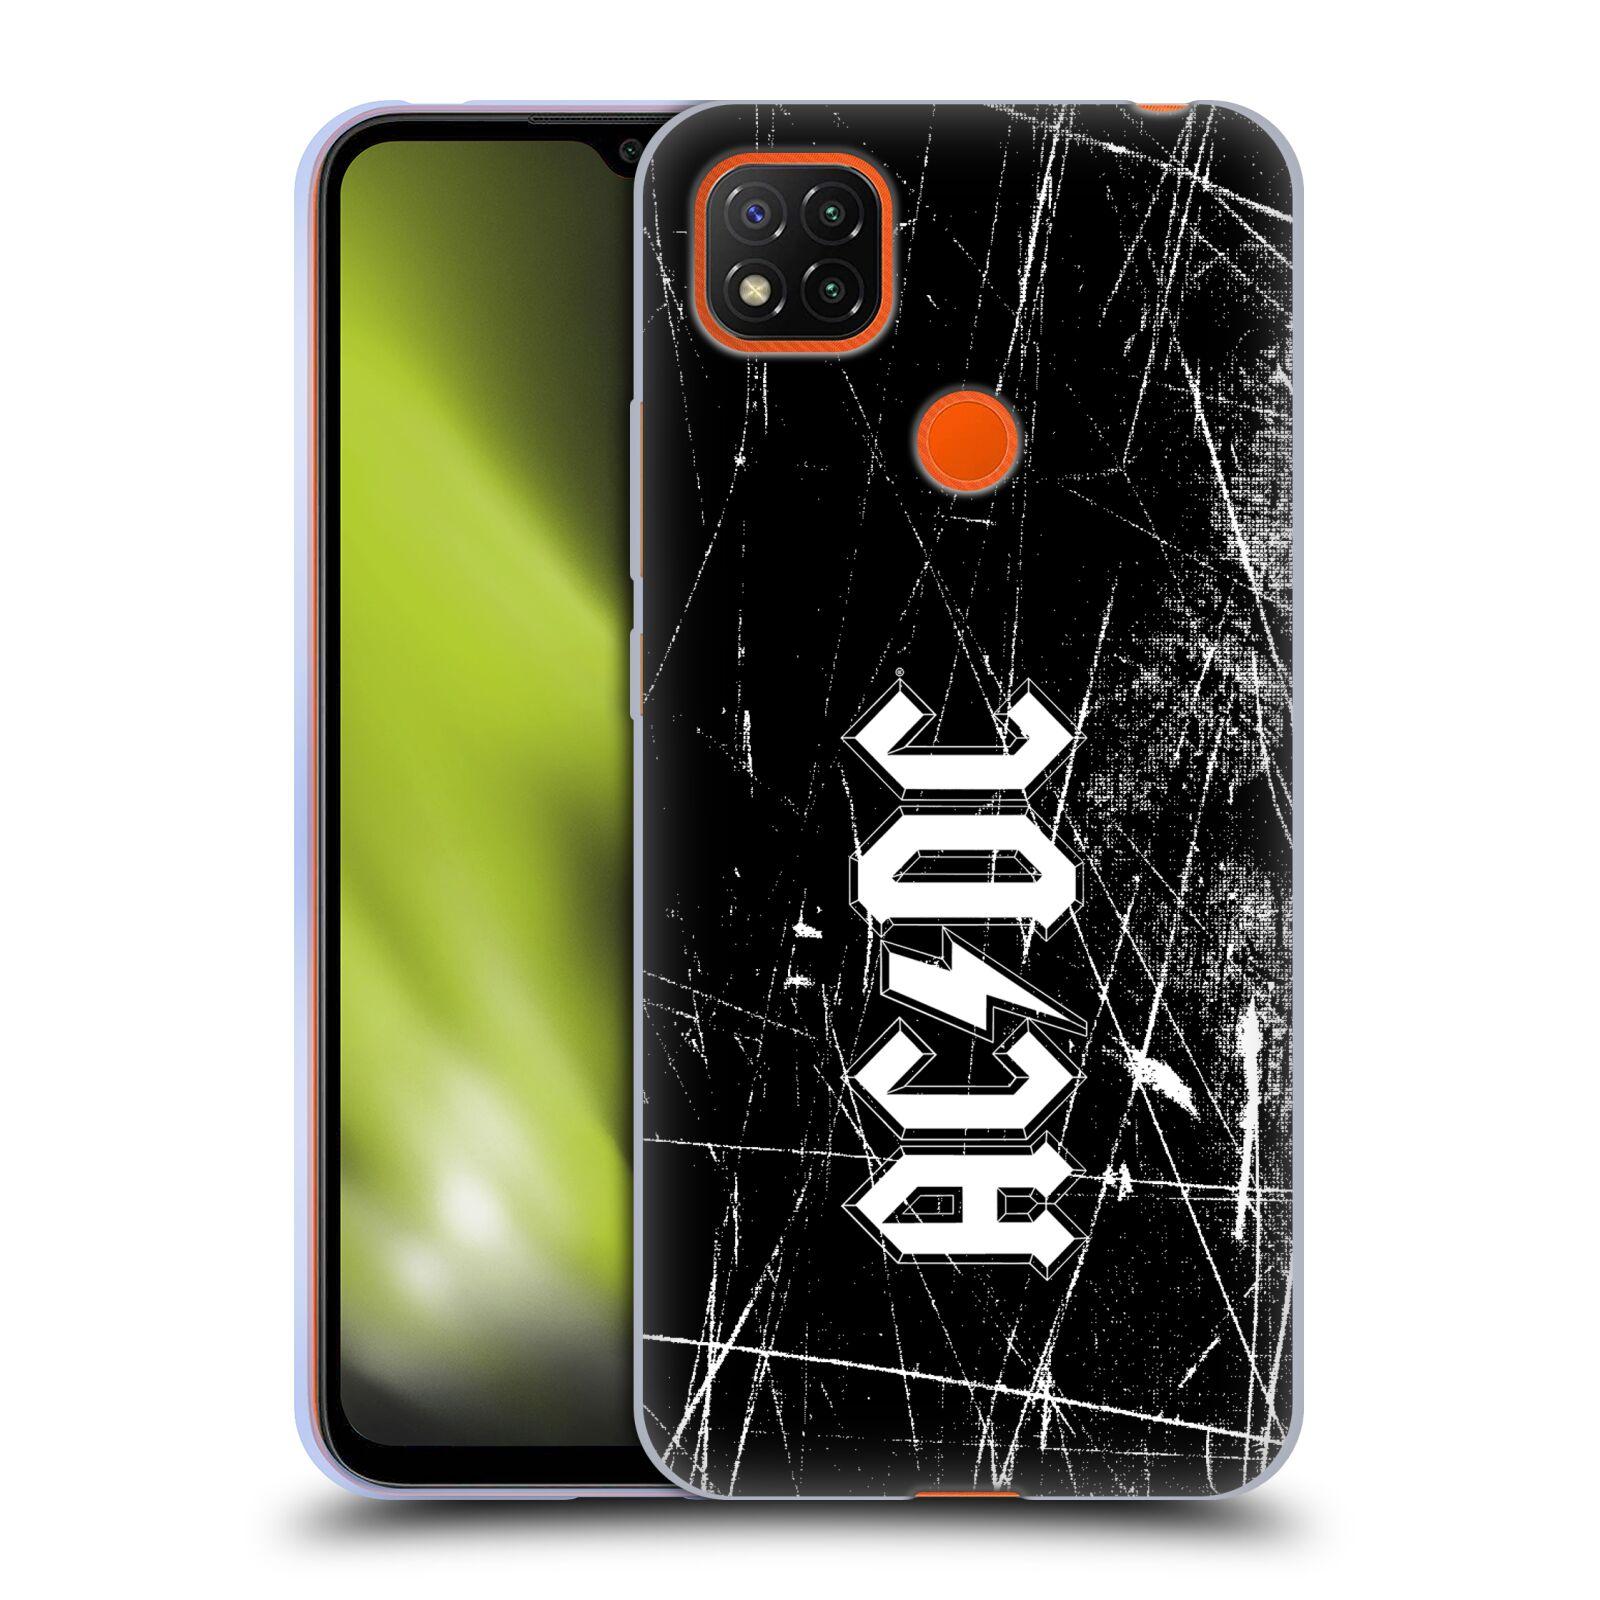 Silikonové pouzdro na mobil Xiaomi Redmi 9C - Head Case - AC/DC Černobílé logo